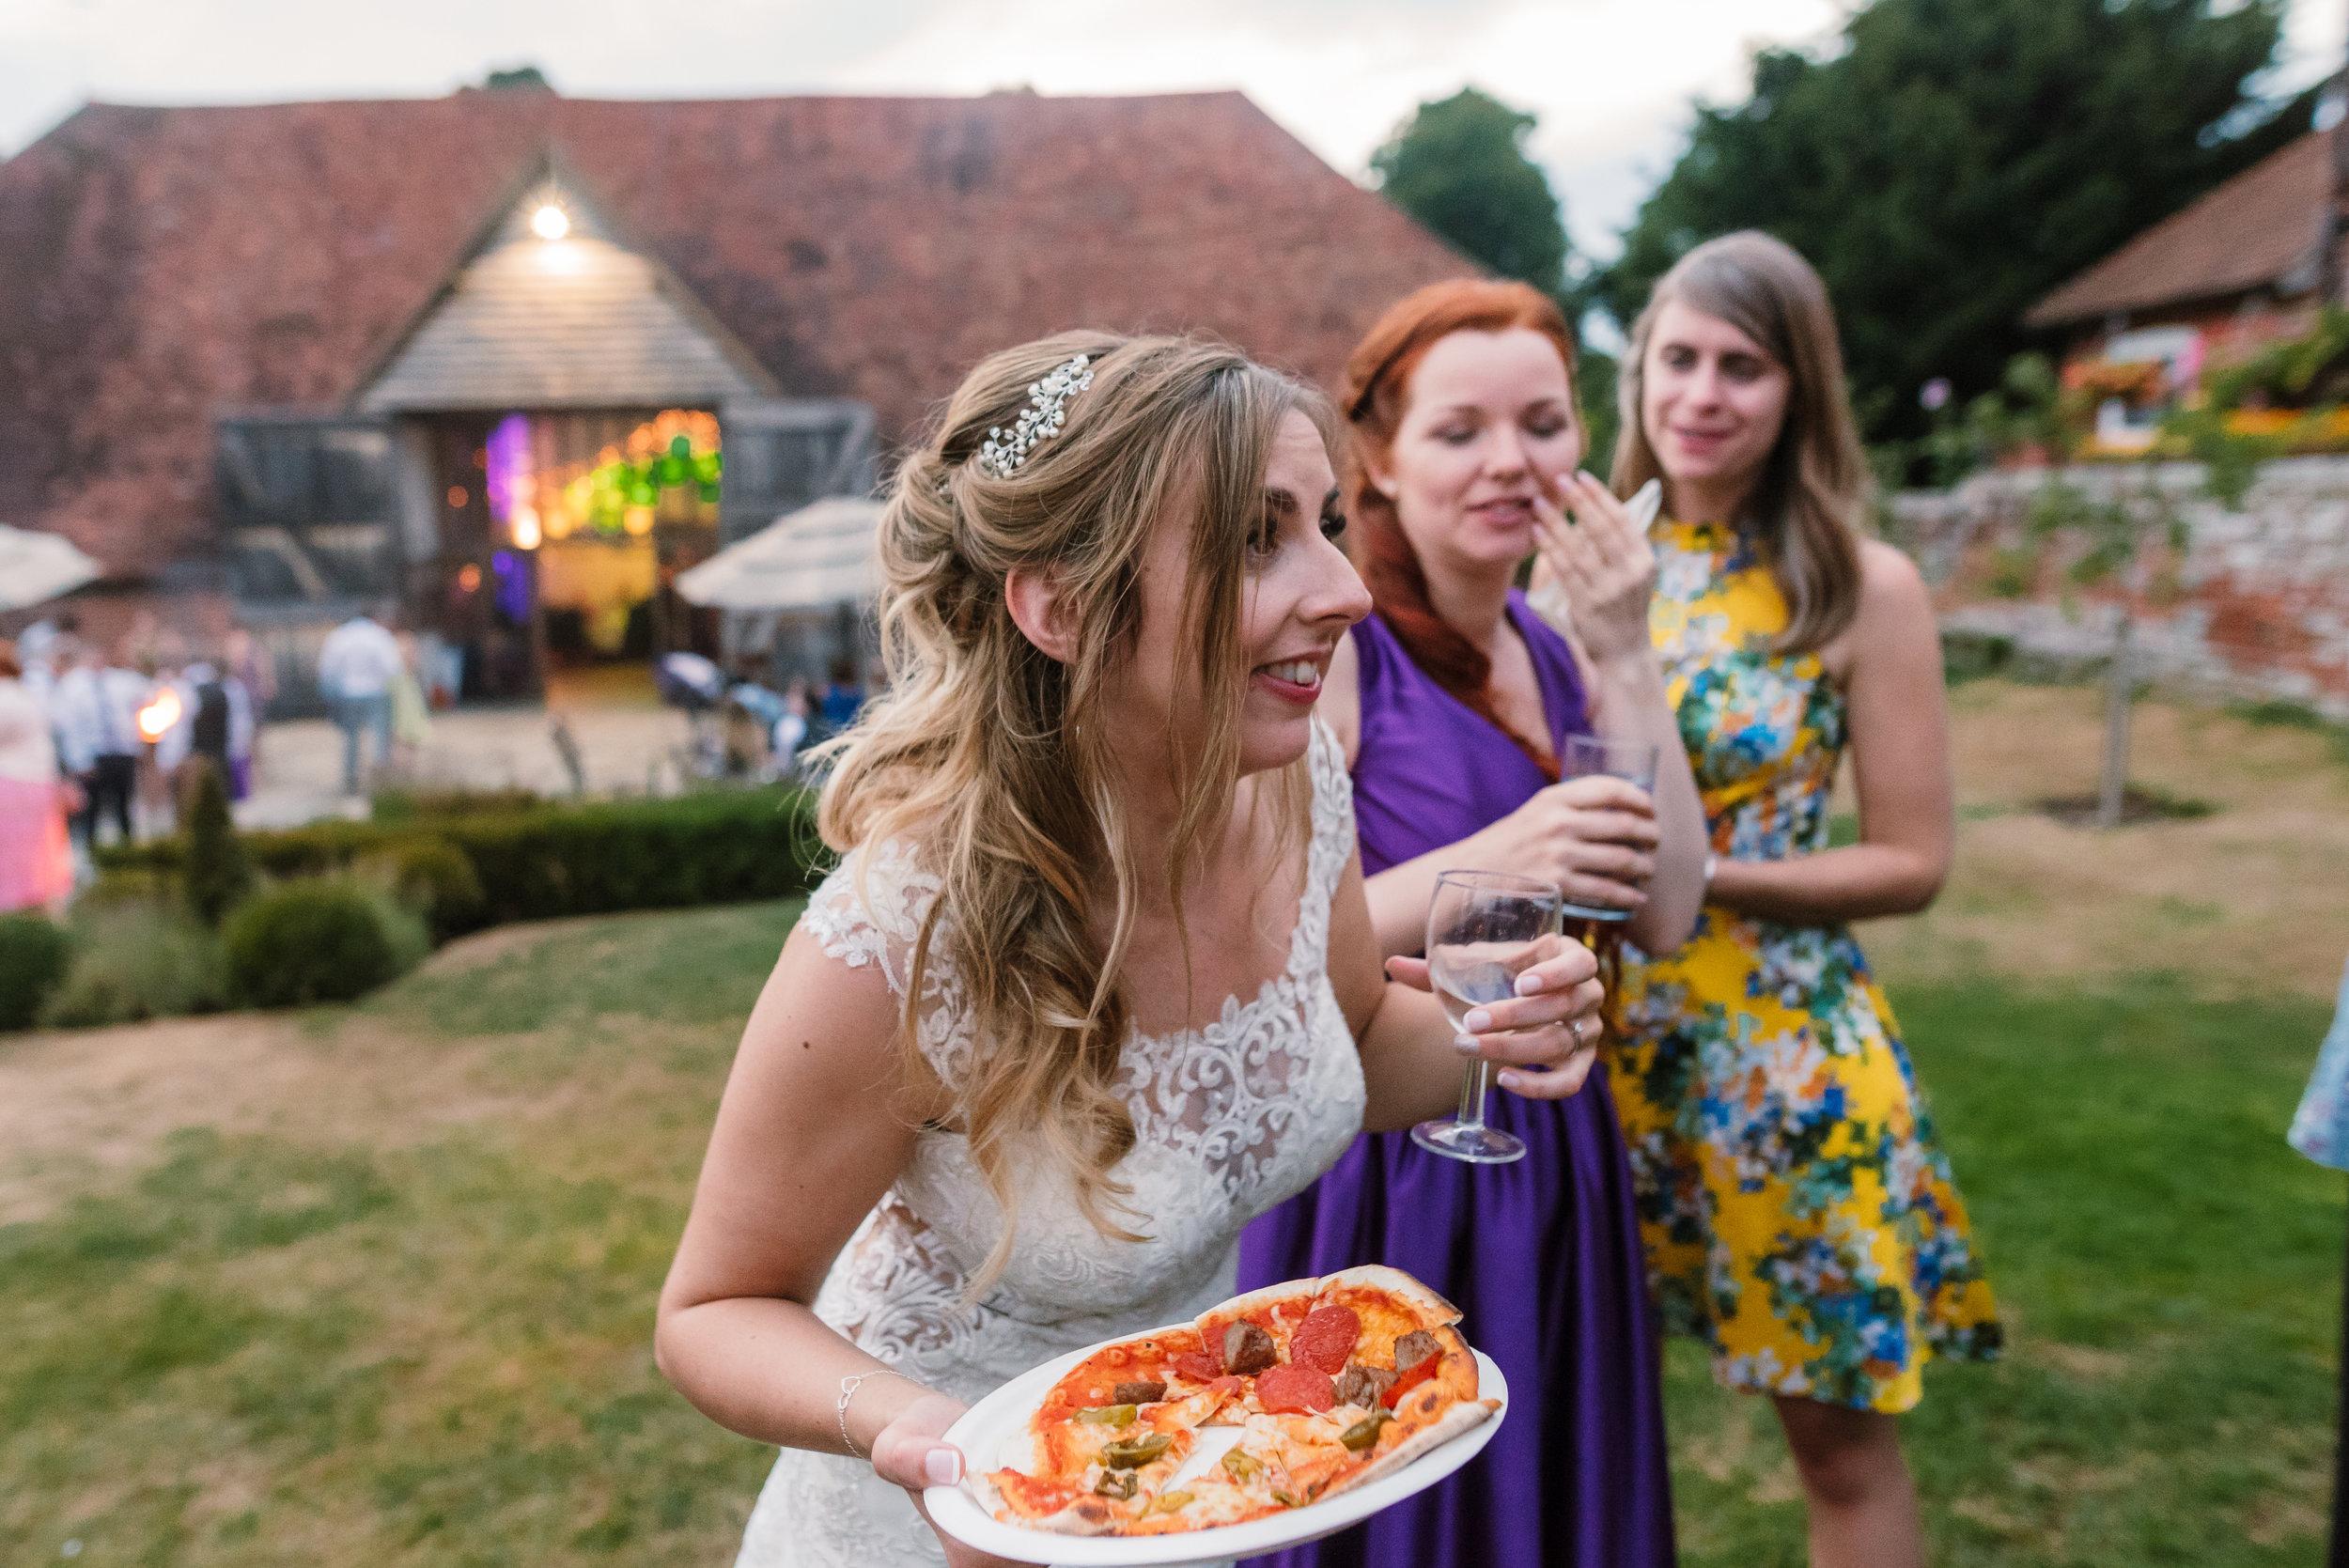 Hampshire Wedding Photographer Hampshire : Ufton-Court-Wedding : Barn-wedding-venue-hampshire : sarah-fishlock-photography : hampshire-barn-wedding-1179.jpg